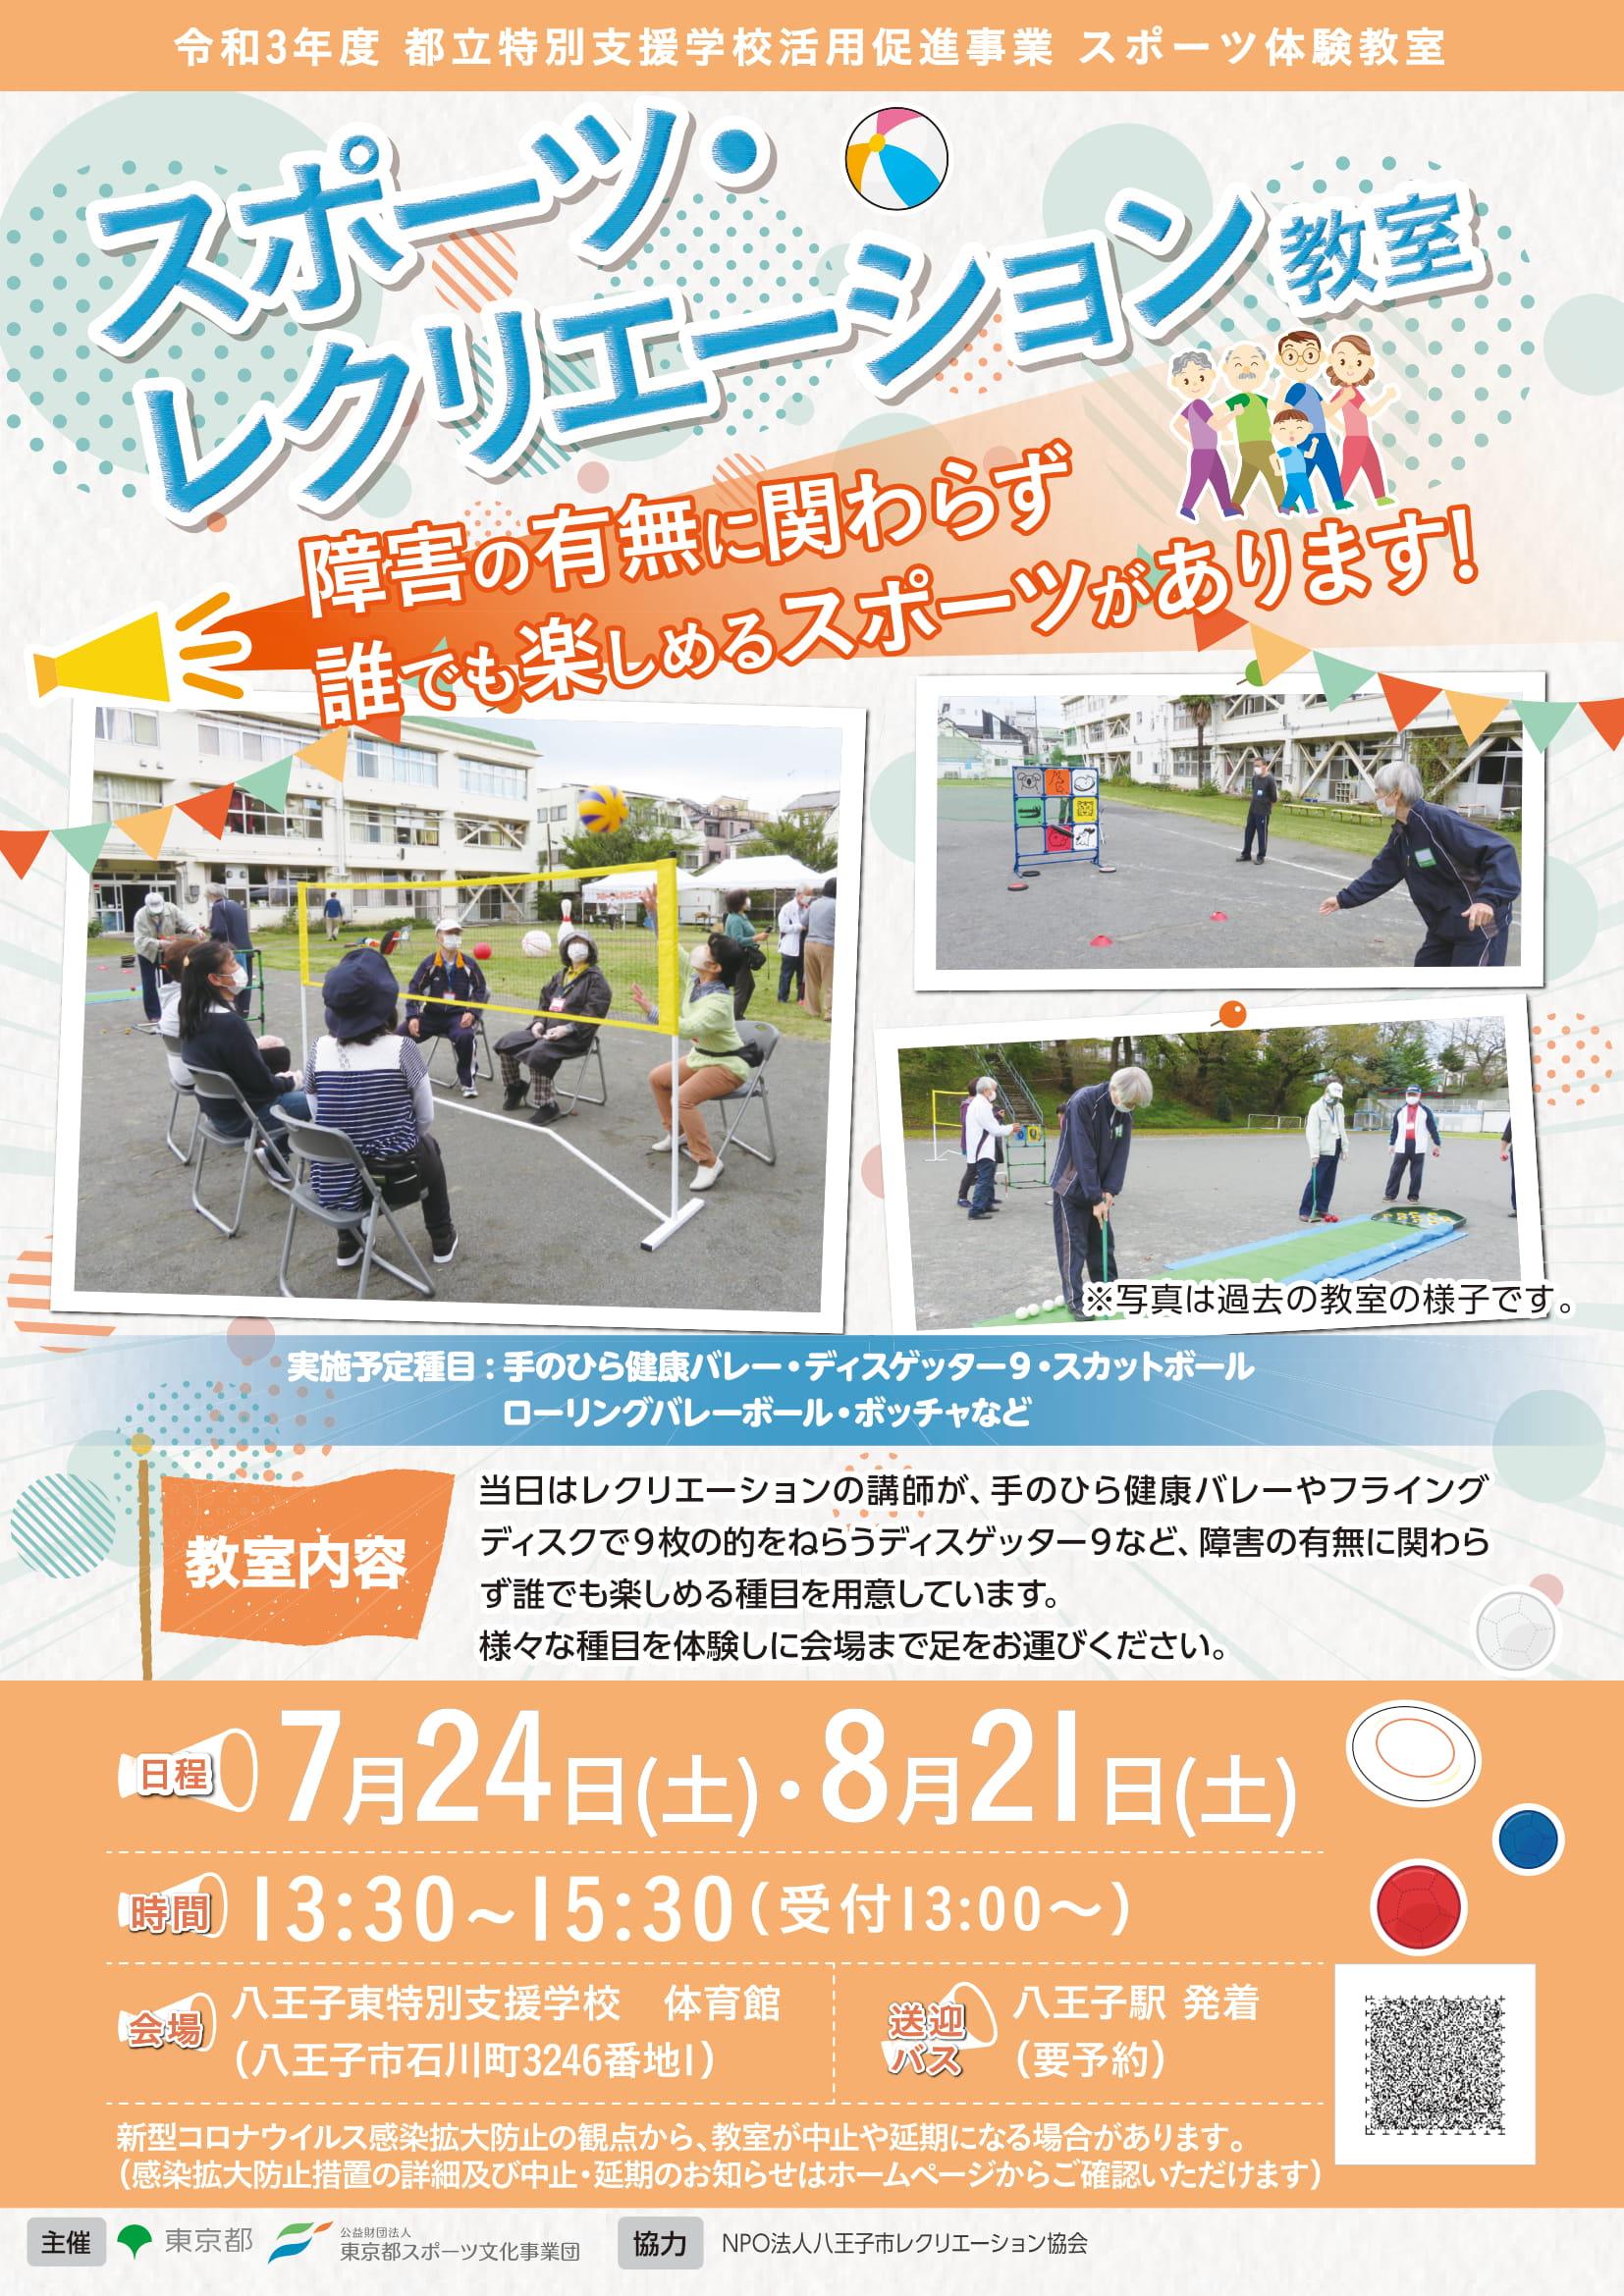 スポーツ・レクリエーション教室 【八王子】